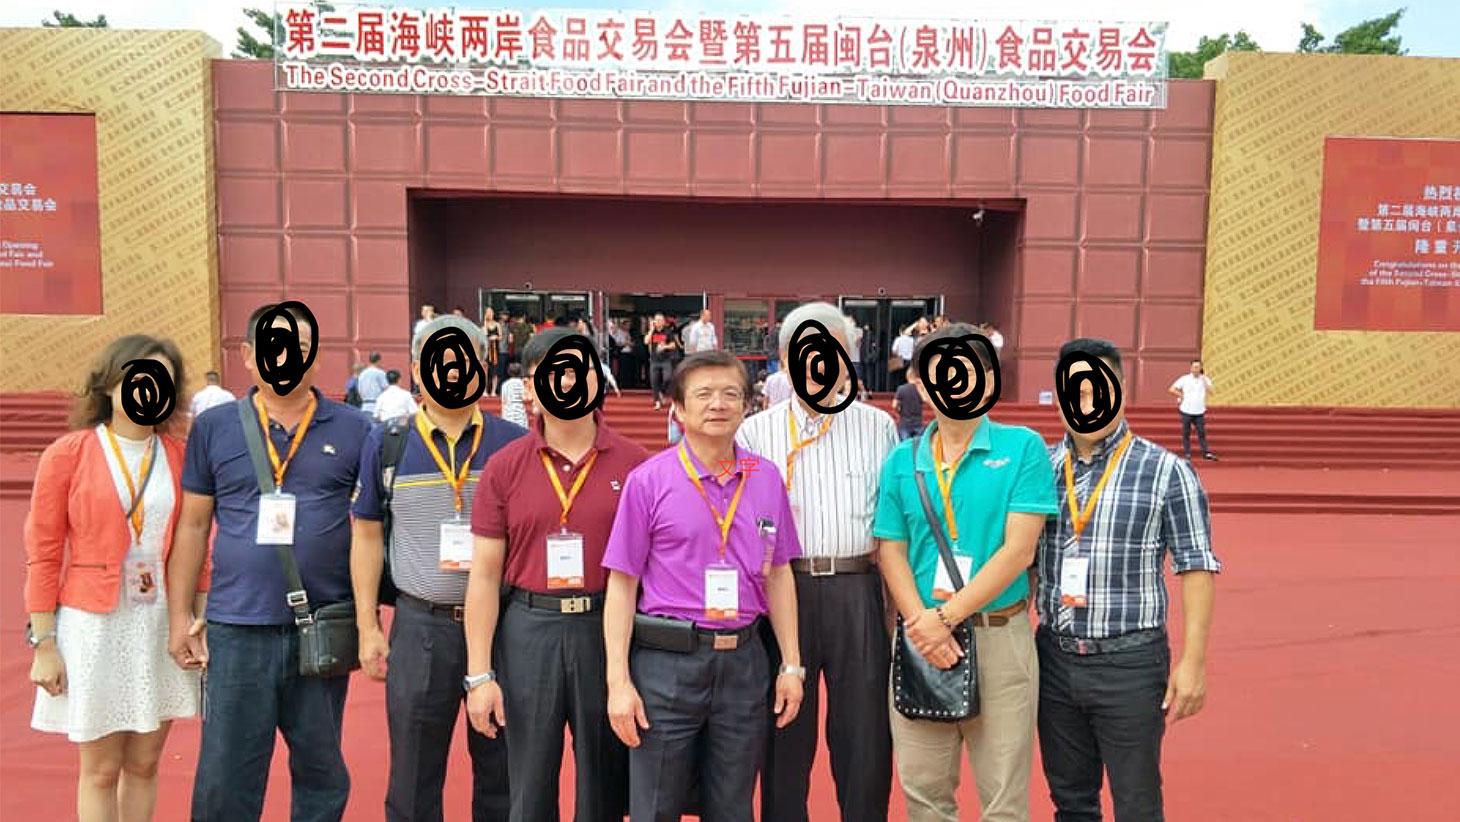 蔡金树去年7月参加大陆福建省泉州市参加两岸食品交易会(如图)后失联。(摘自蔡金树脸书)